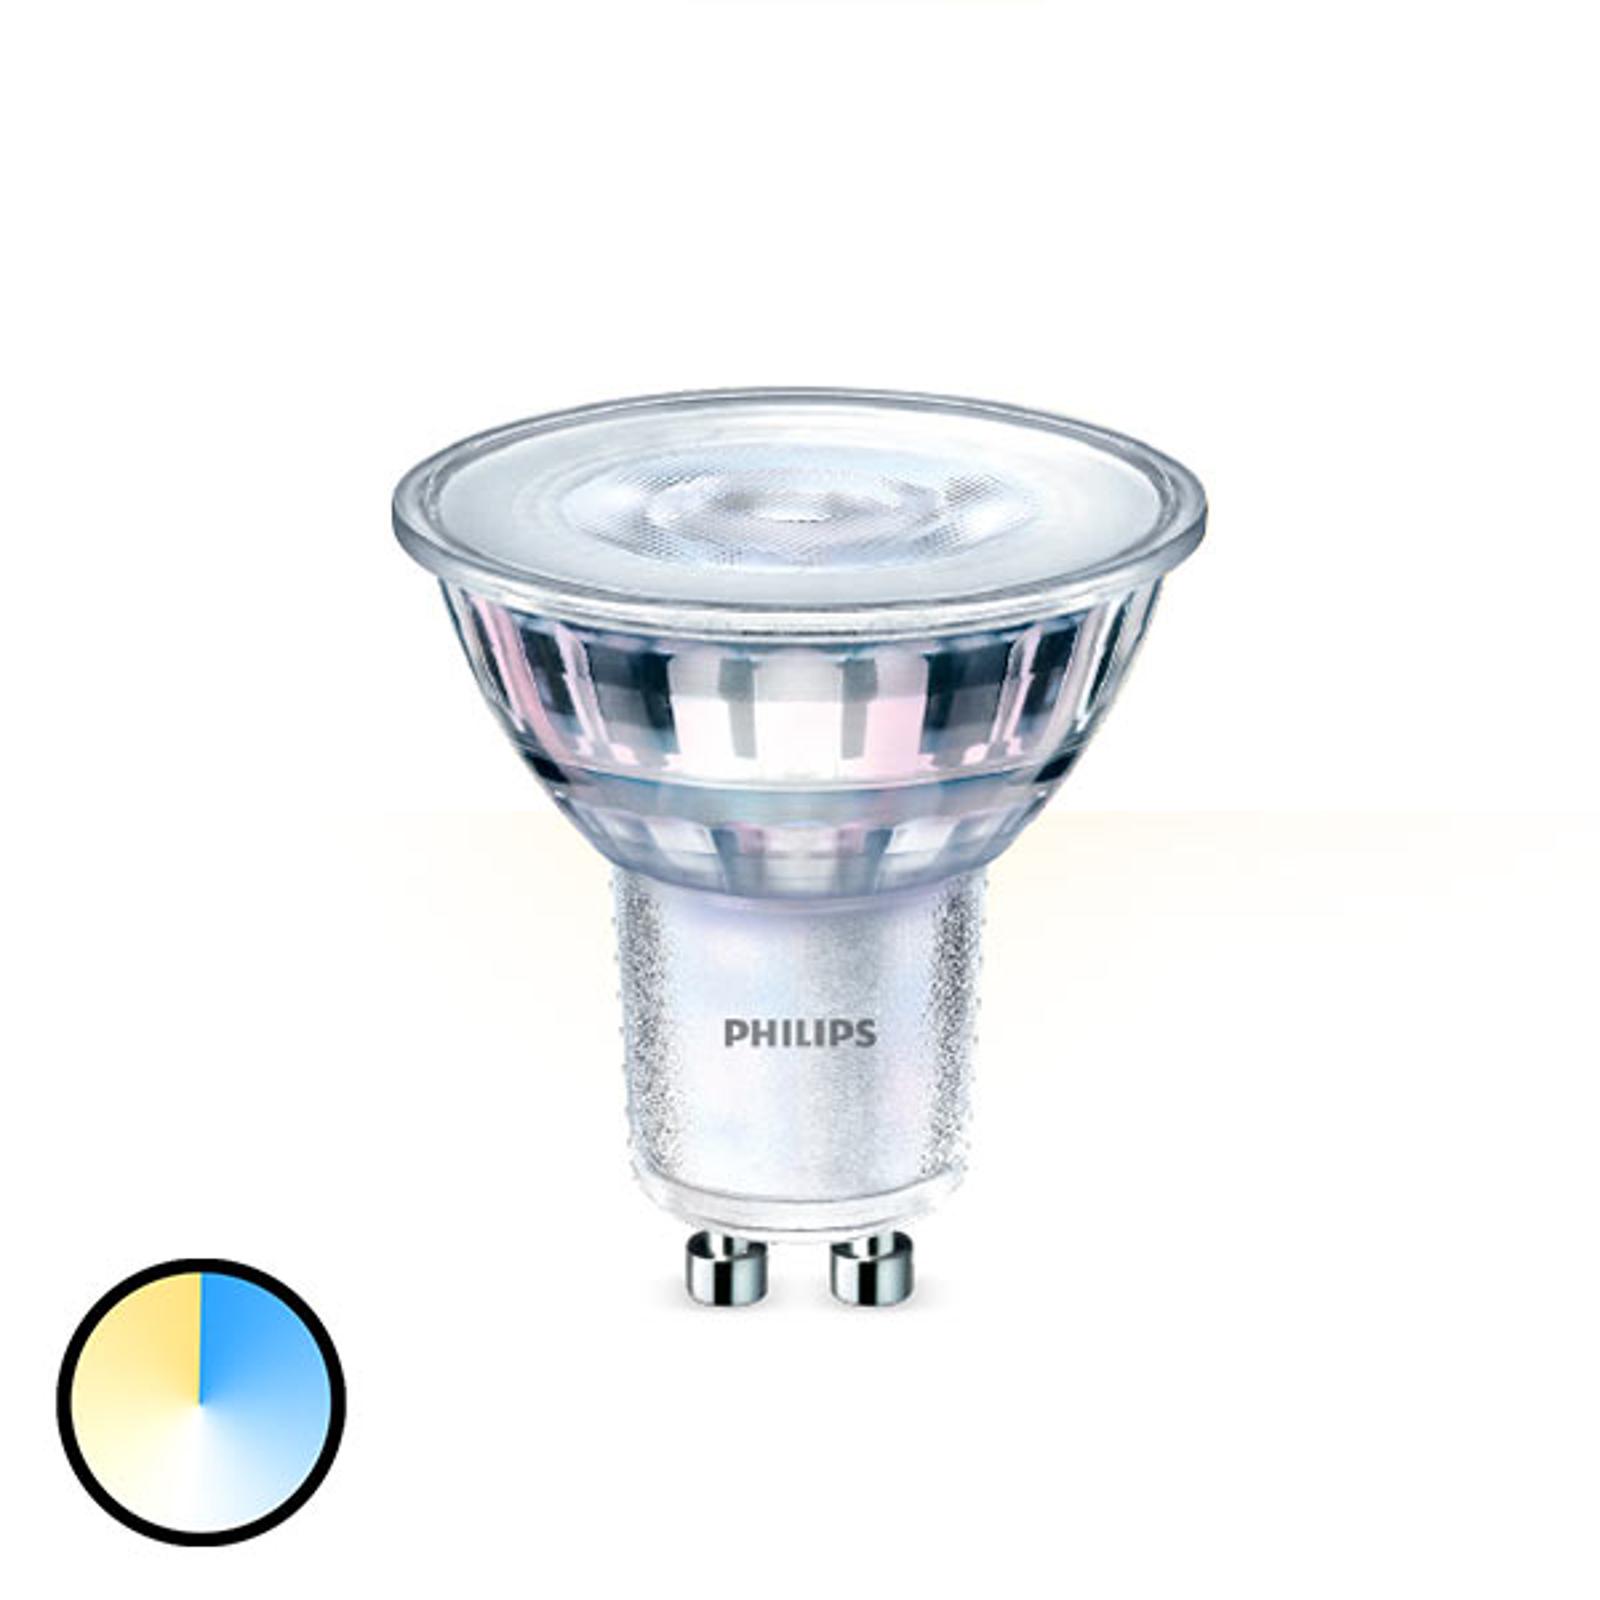 Philips SceneSwitch LED-Reflektor GU10 4,6W